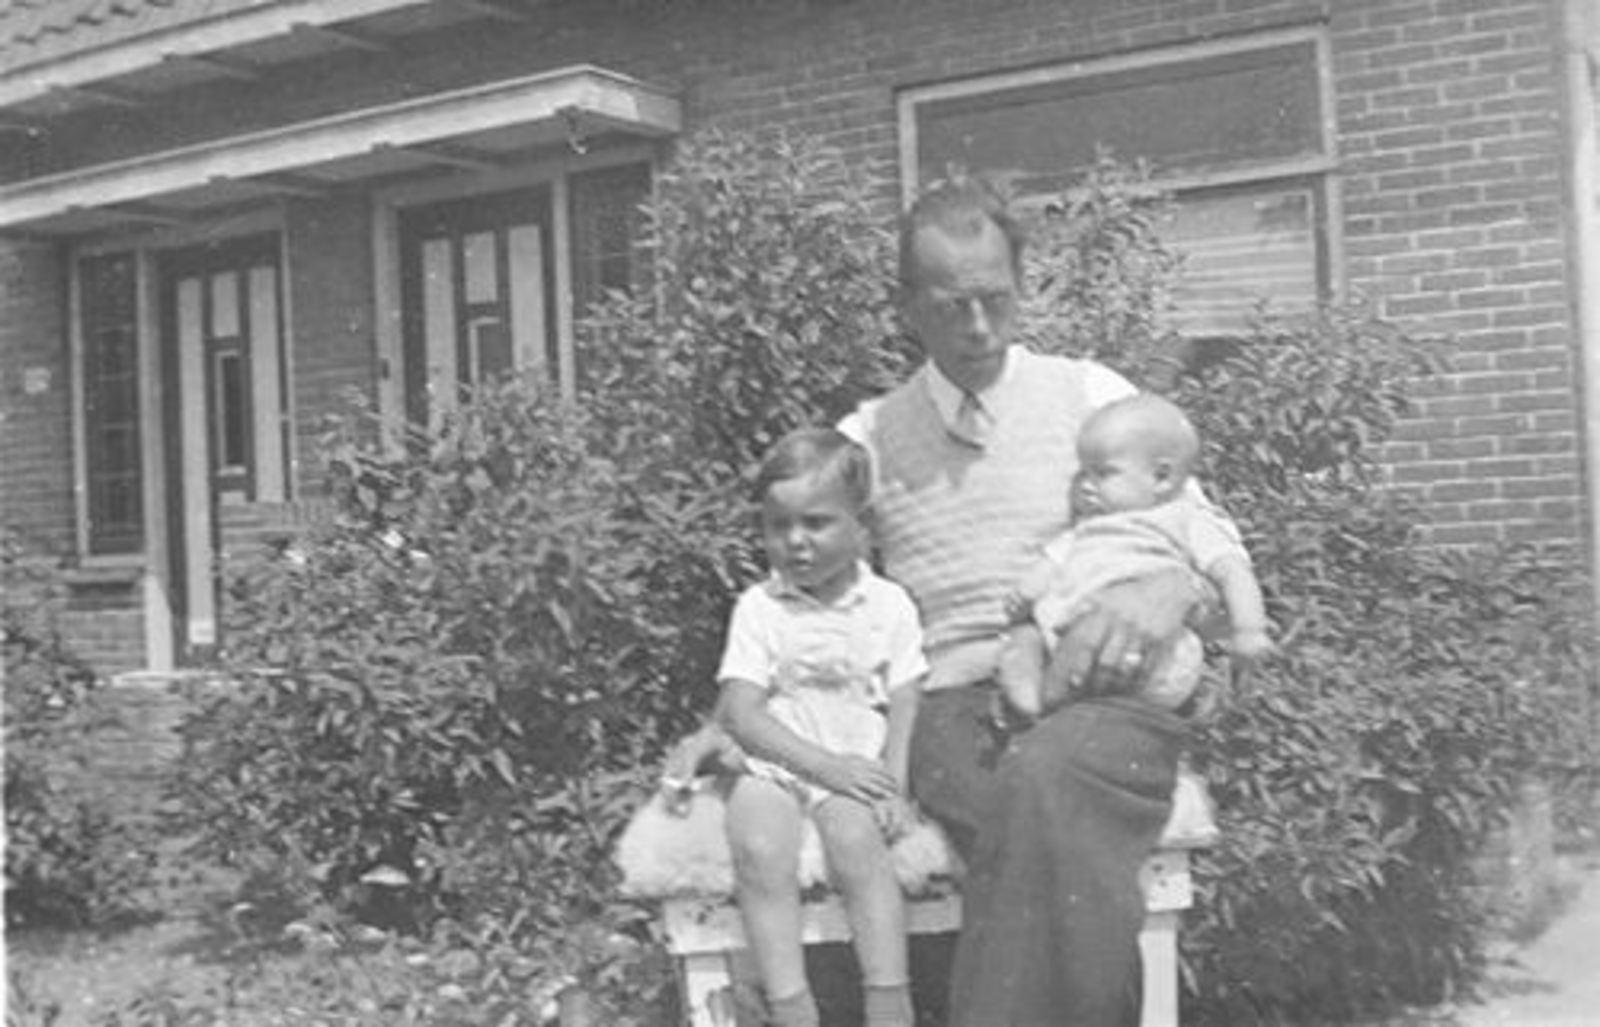 Vijfhuizerweg 0199+ 1947± met Familie Bram Stieva 03